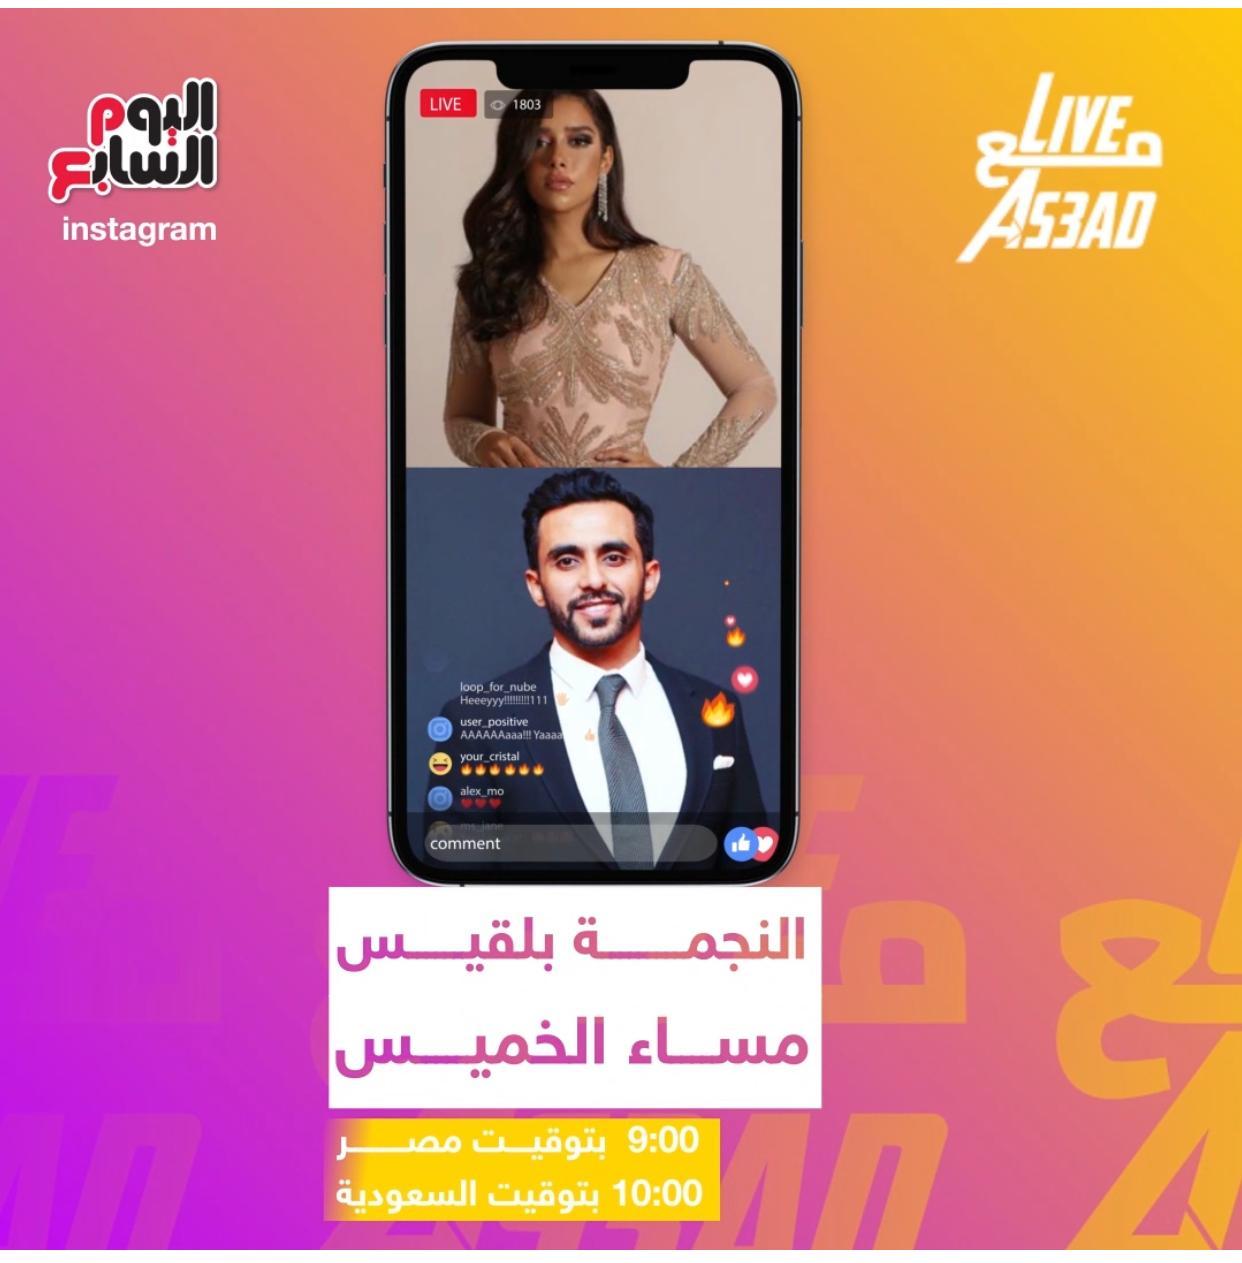 النجمة بلقيس والزميل محمد أسعد